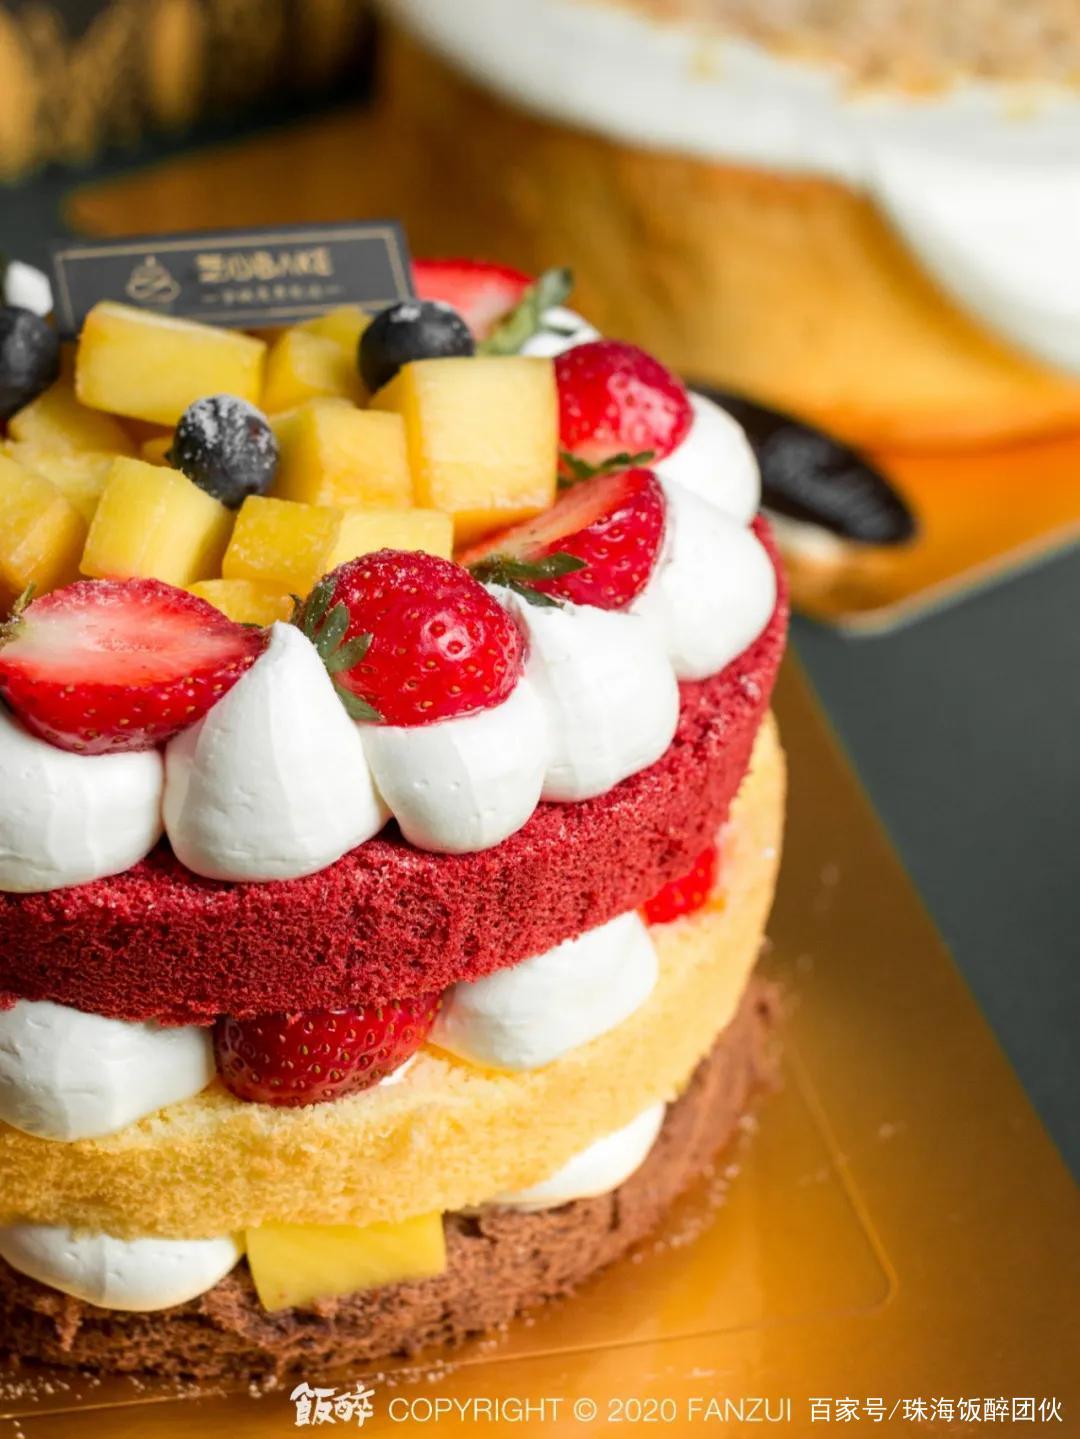 全城免费配送的高颜蛋糕,宅家也能续上久违的甜!